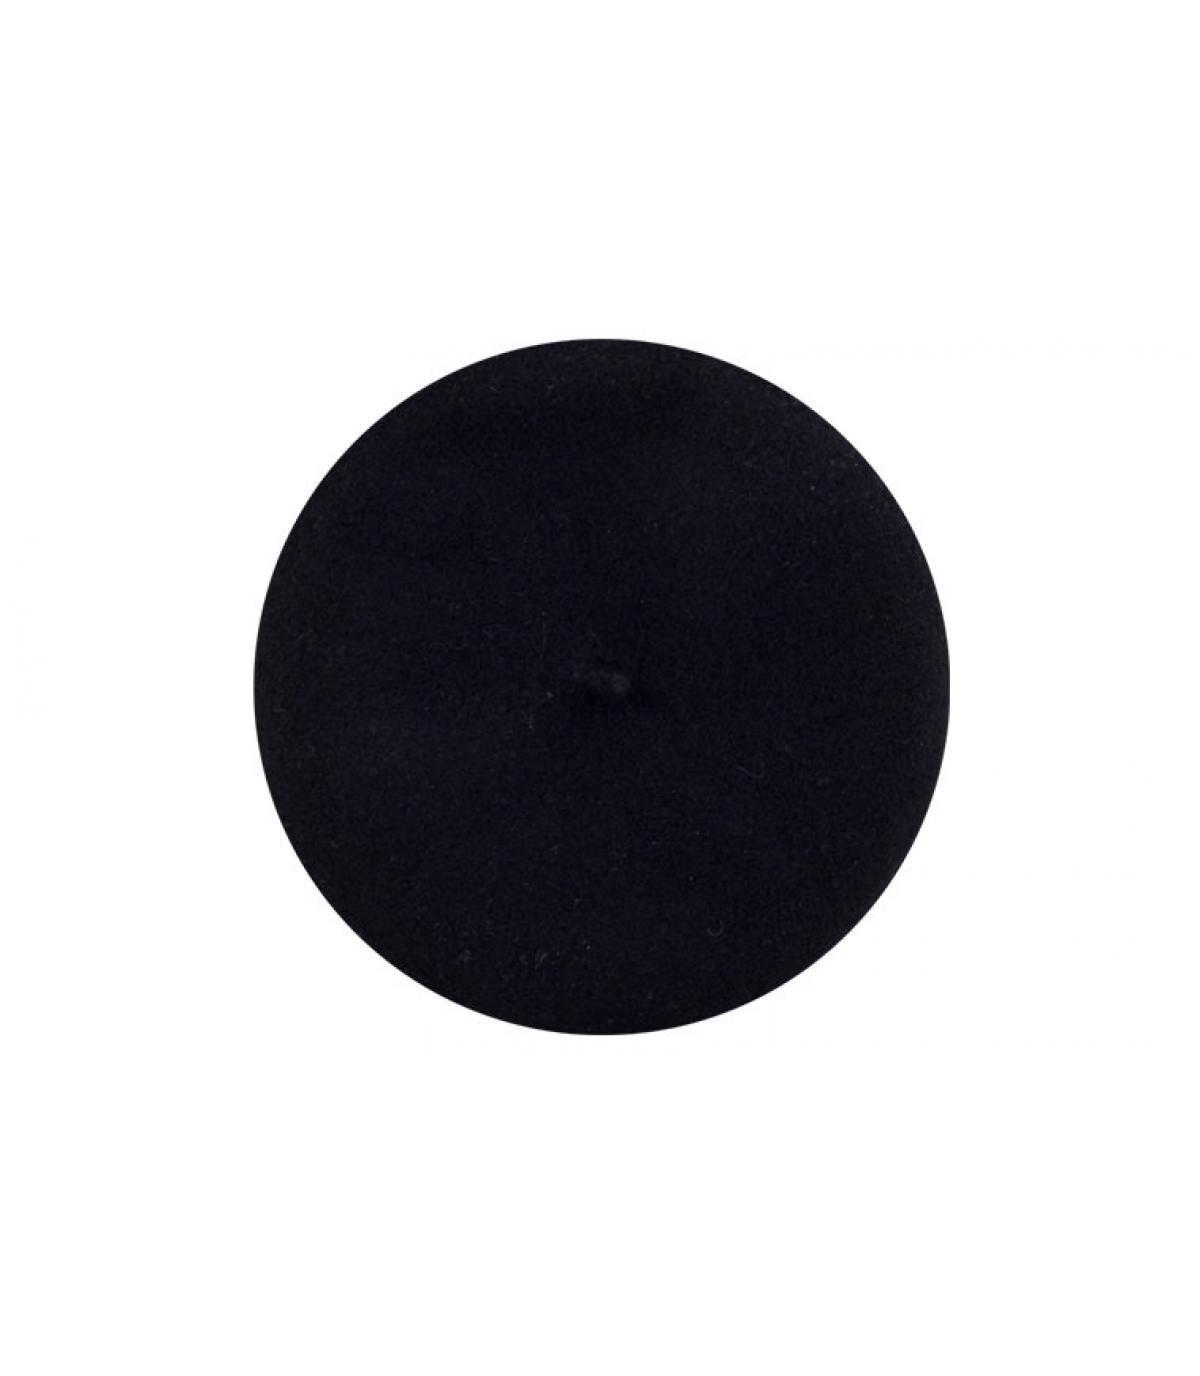 Détails Parisienne noir - image 2